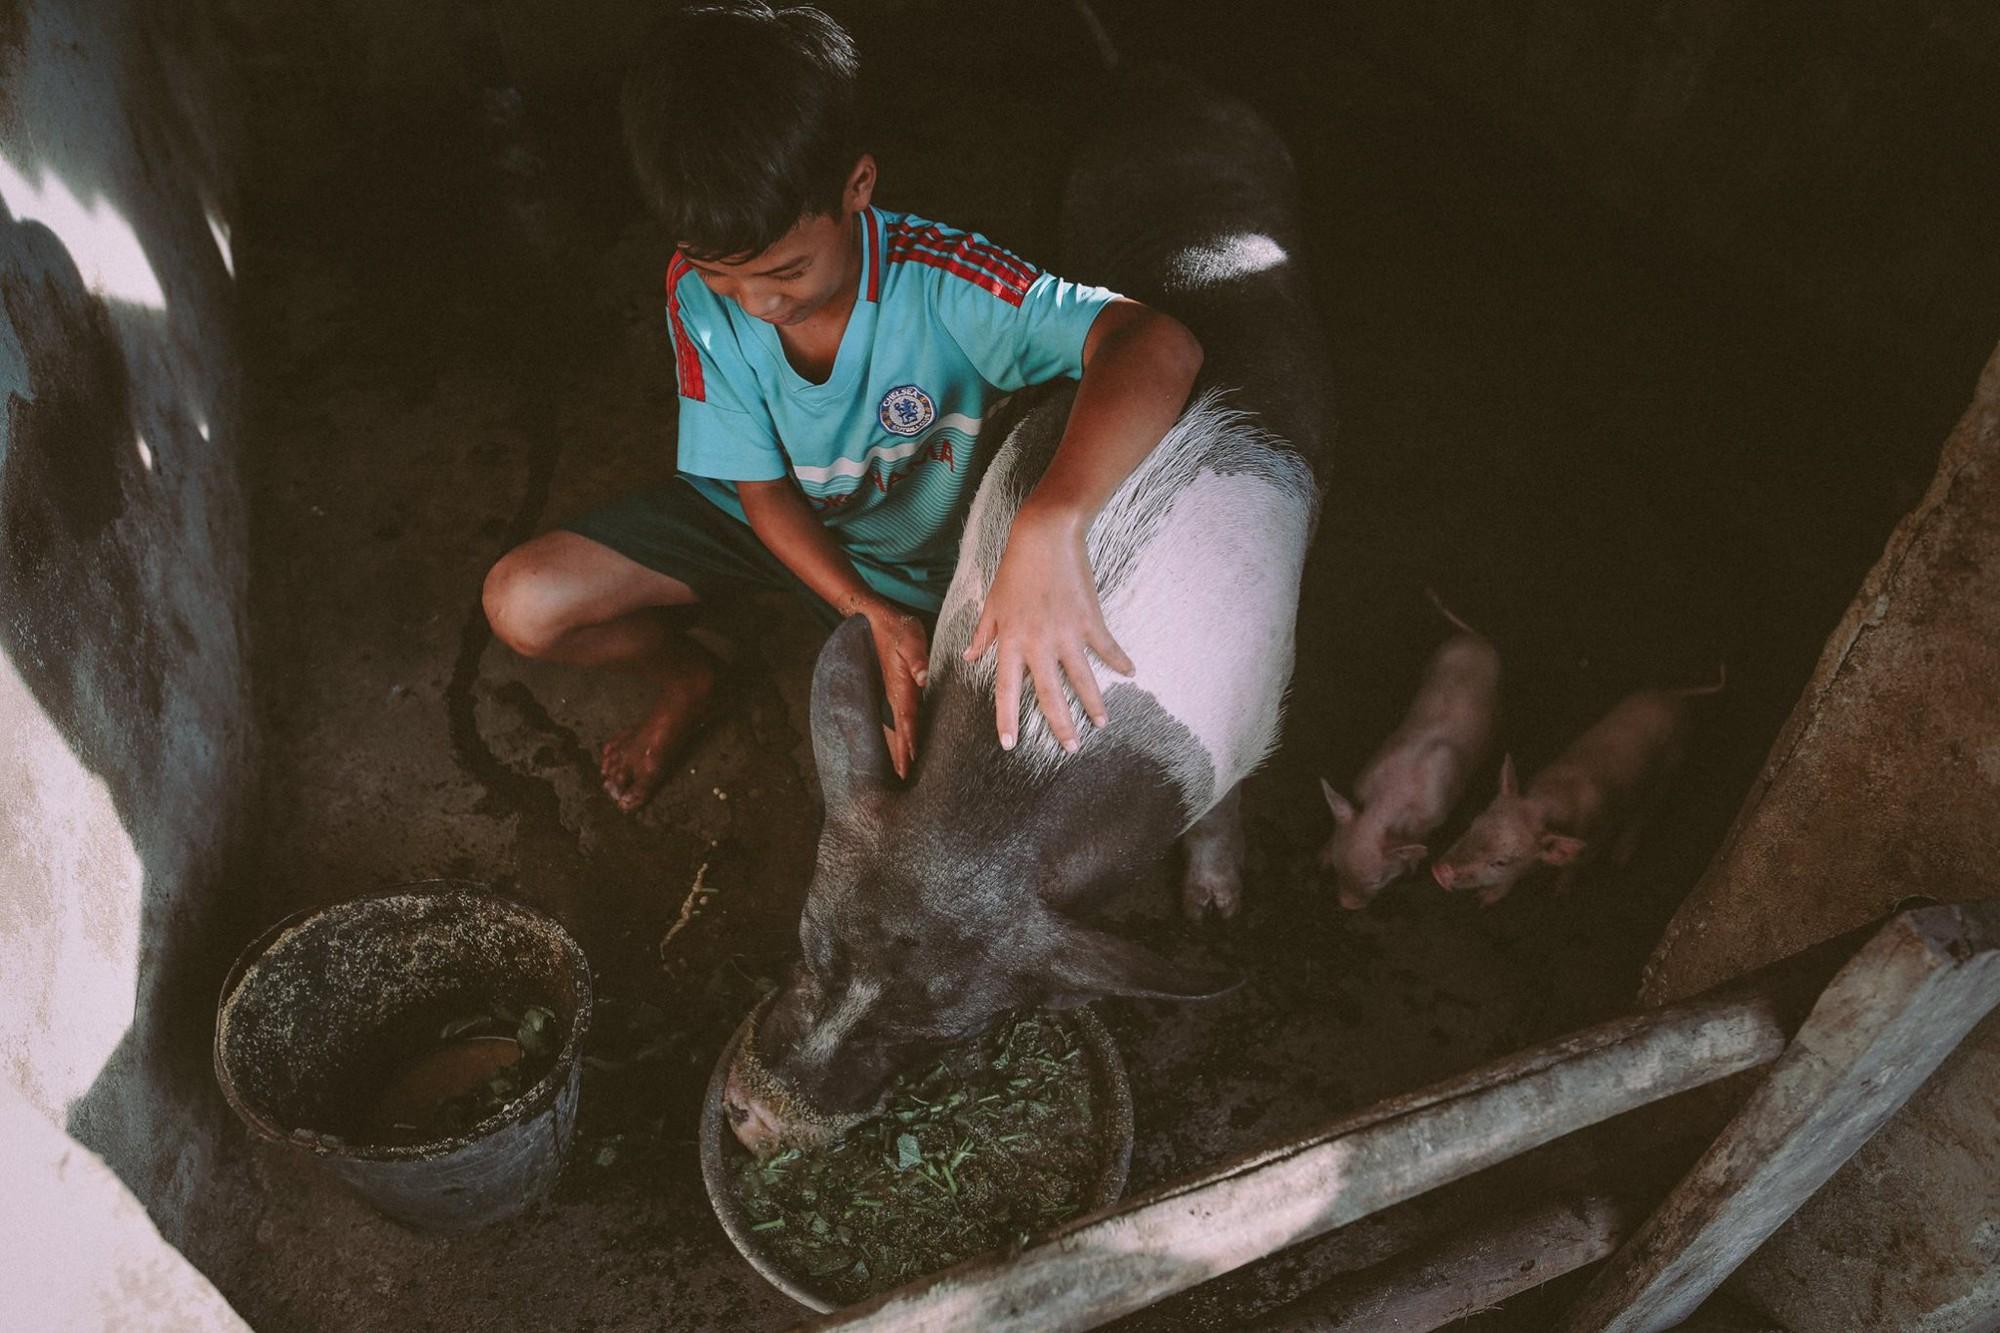 Bộ ảnh xúc động về cậu bé mồ côi ở Quảng Nam tự lập từ năm 12 tuổi, nuôi lợn để được đến trường - Ảnh 2.